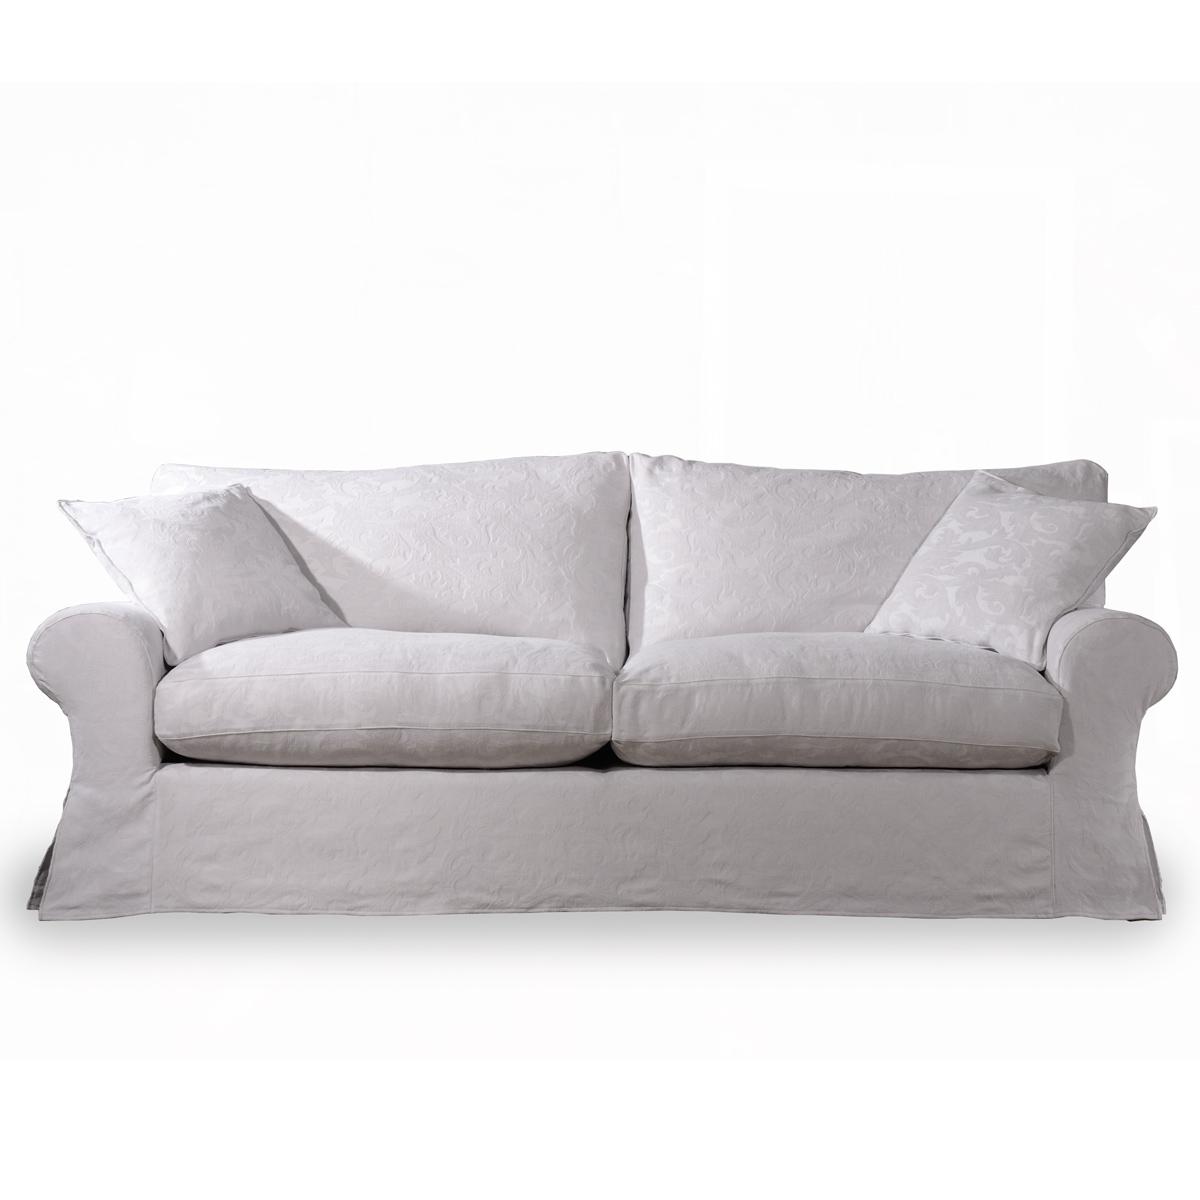 Ressort Zig Zag Canapé Avis canapé confort beaumarchais   meubles et atmosphère